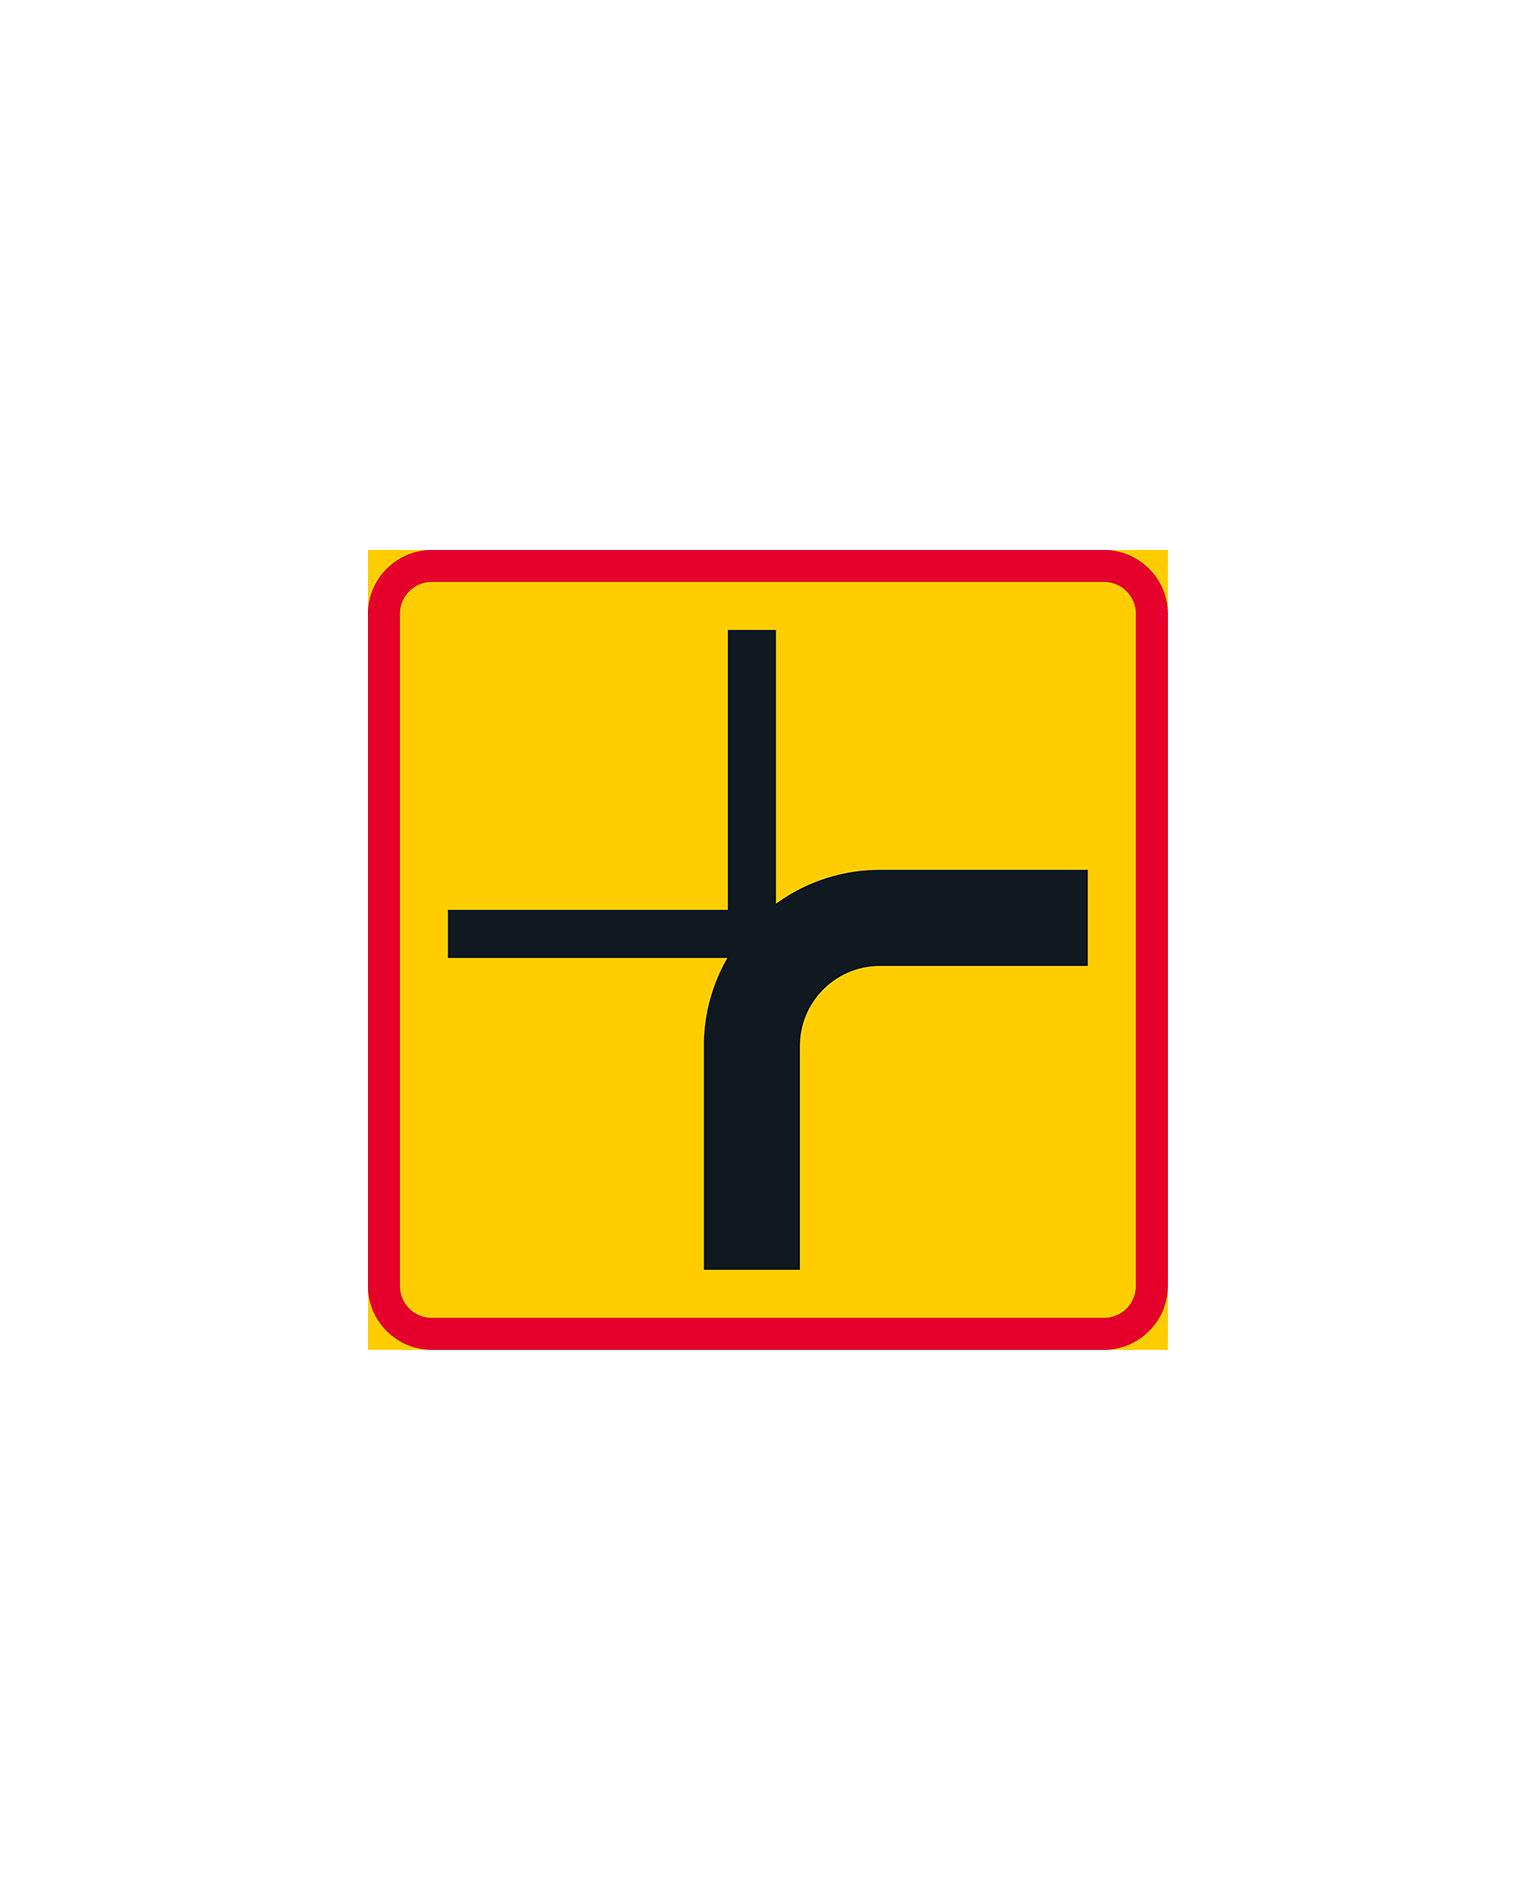 Etuajo-Oikeutetun Liikenteen Suunta